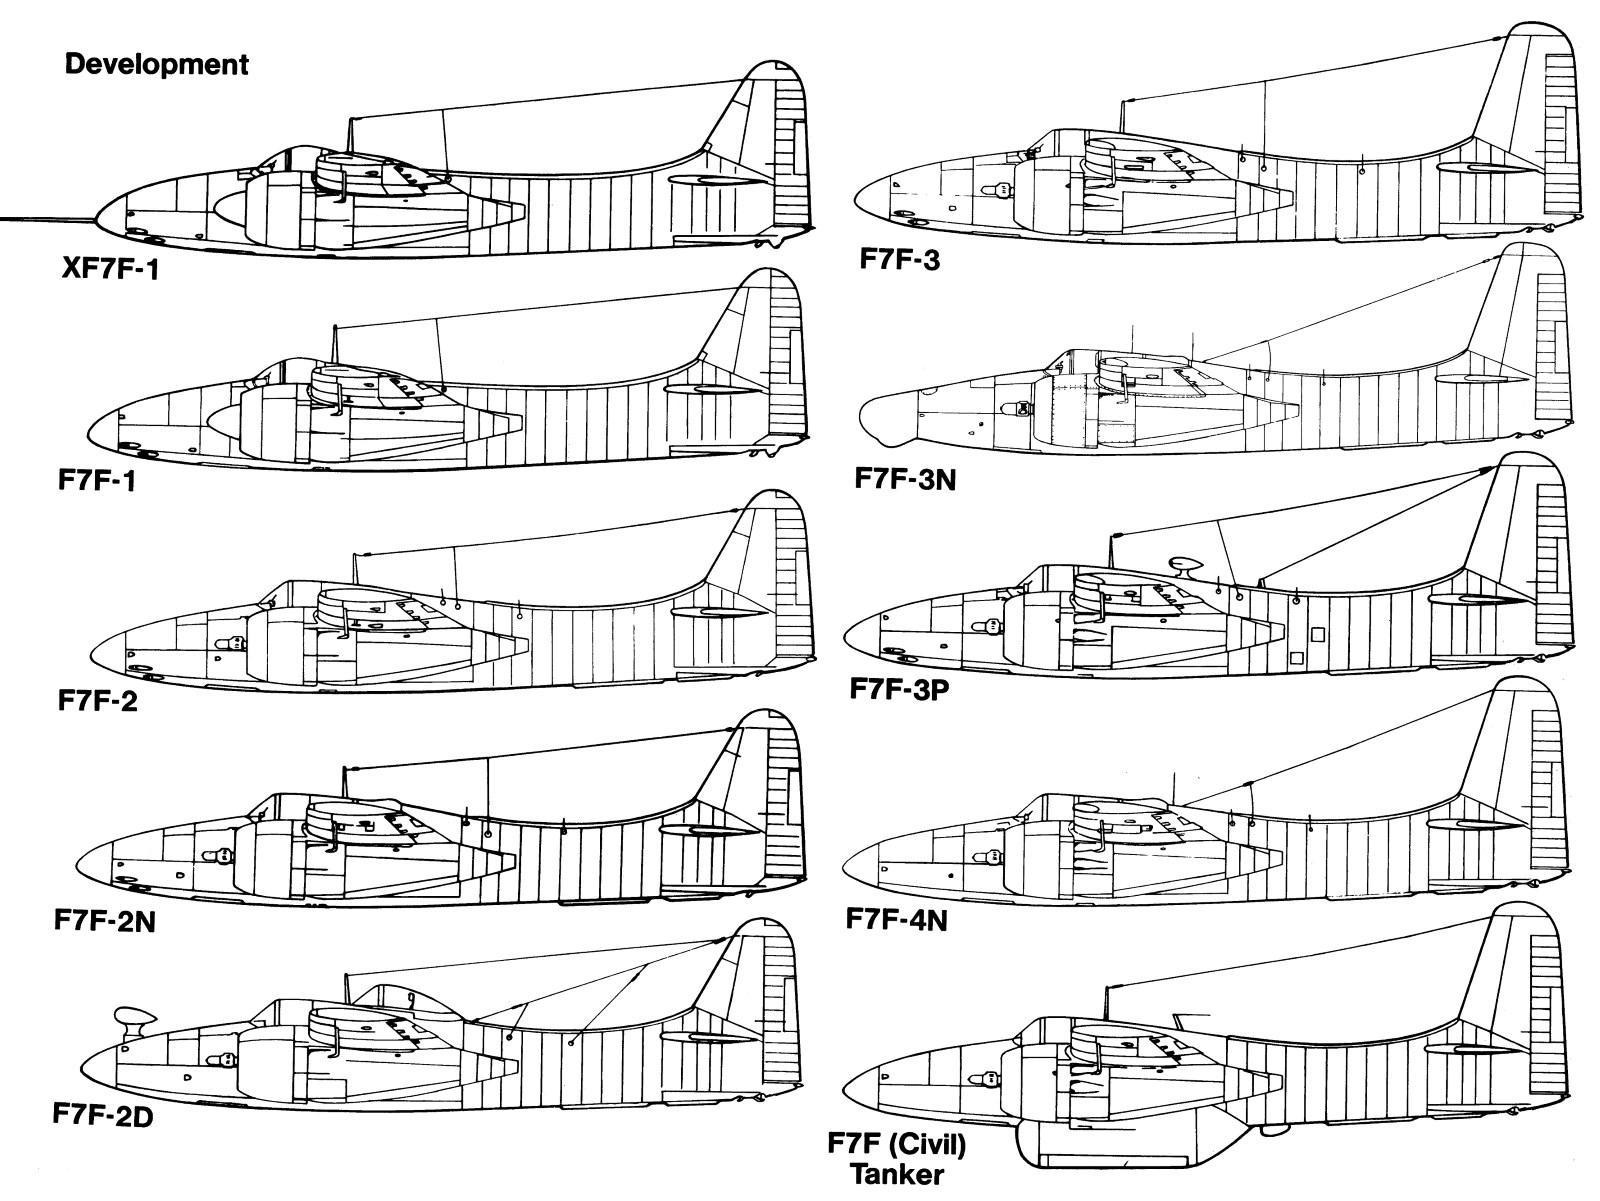 Grumman F7F Tigercat Weapons And Warfare